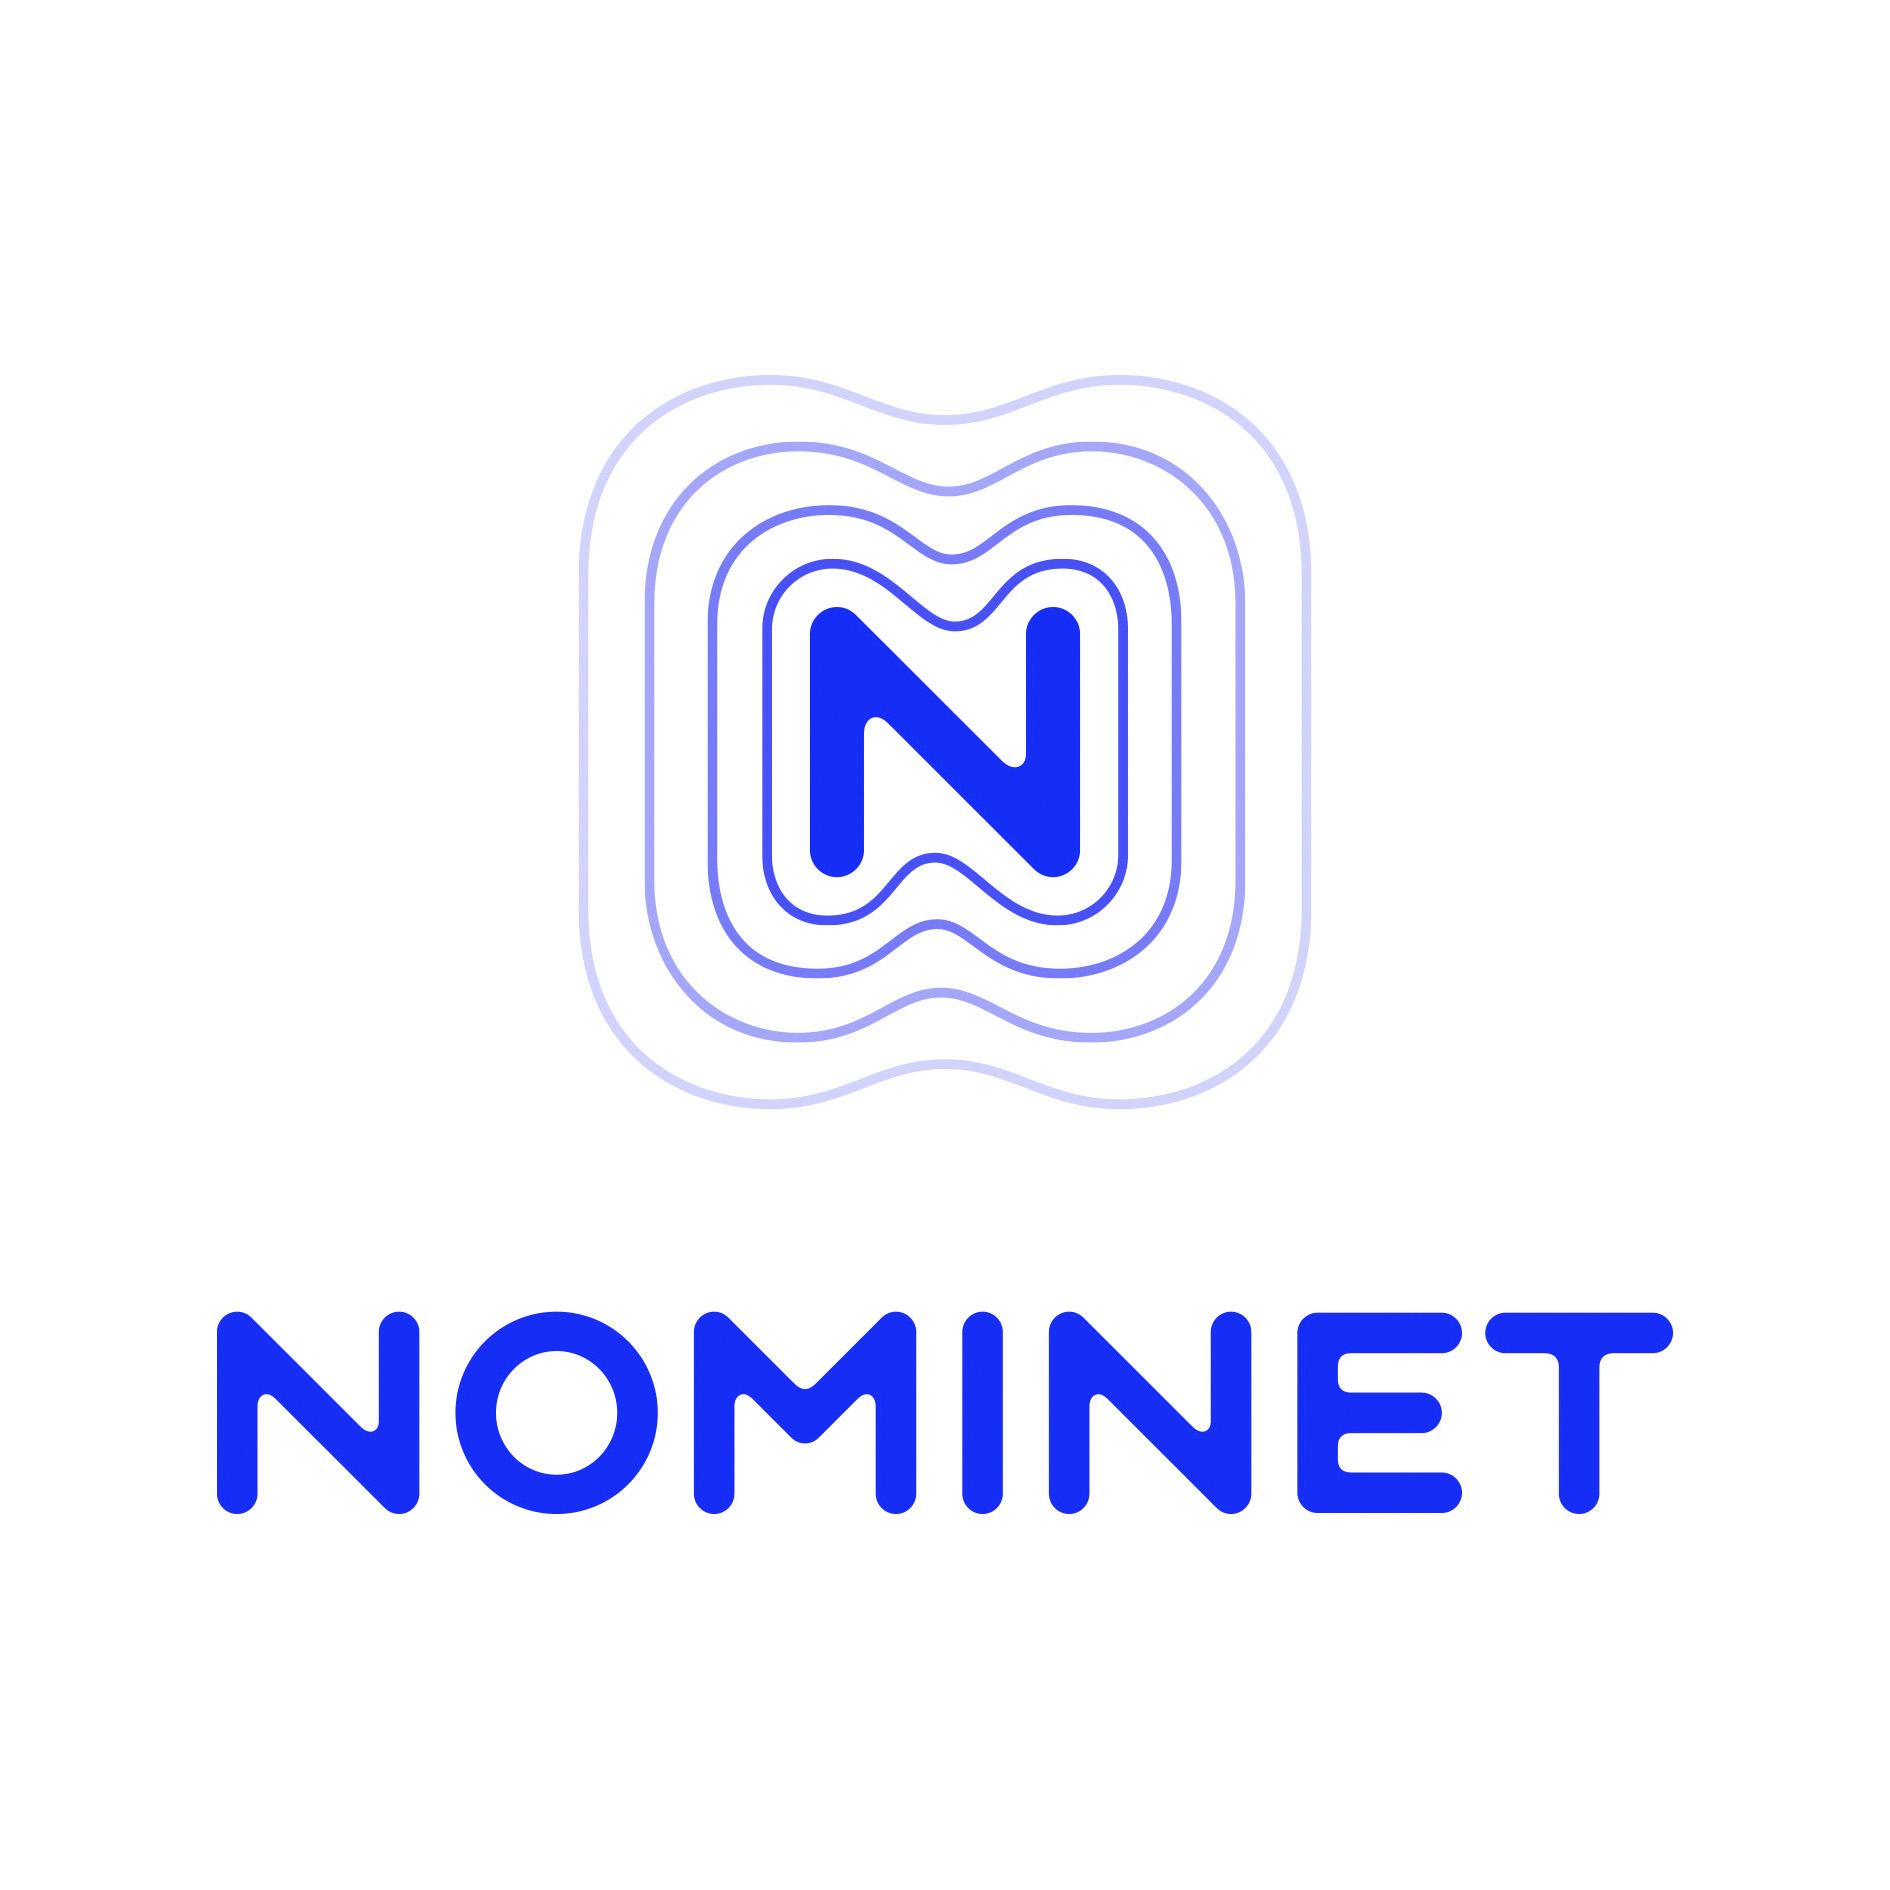 Nominet-Logo-2016.jpg